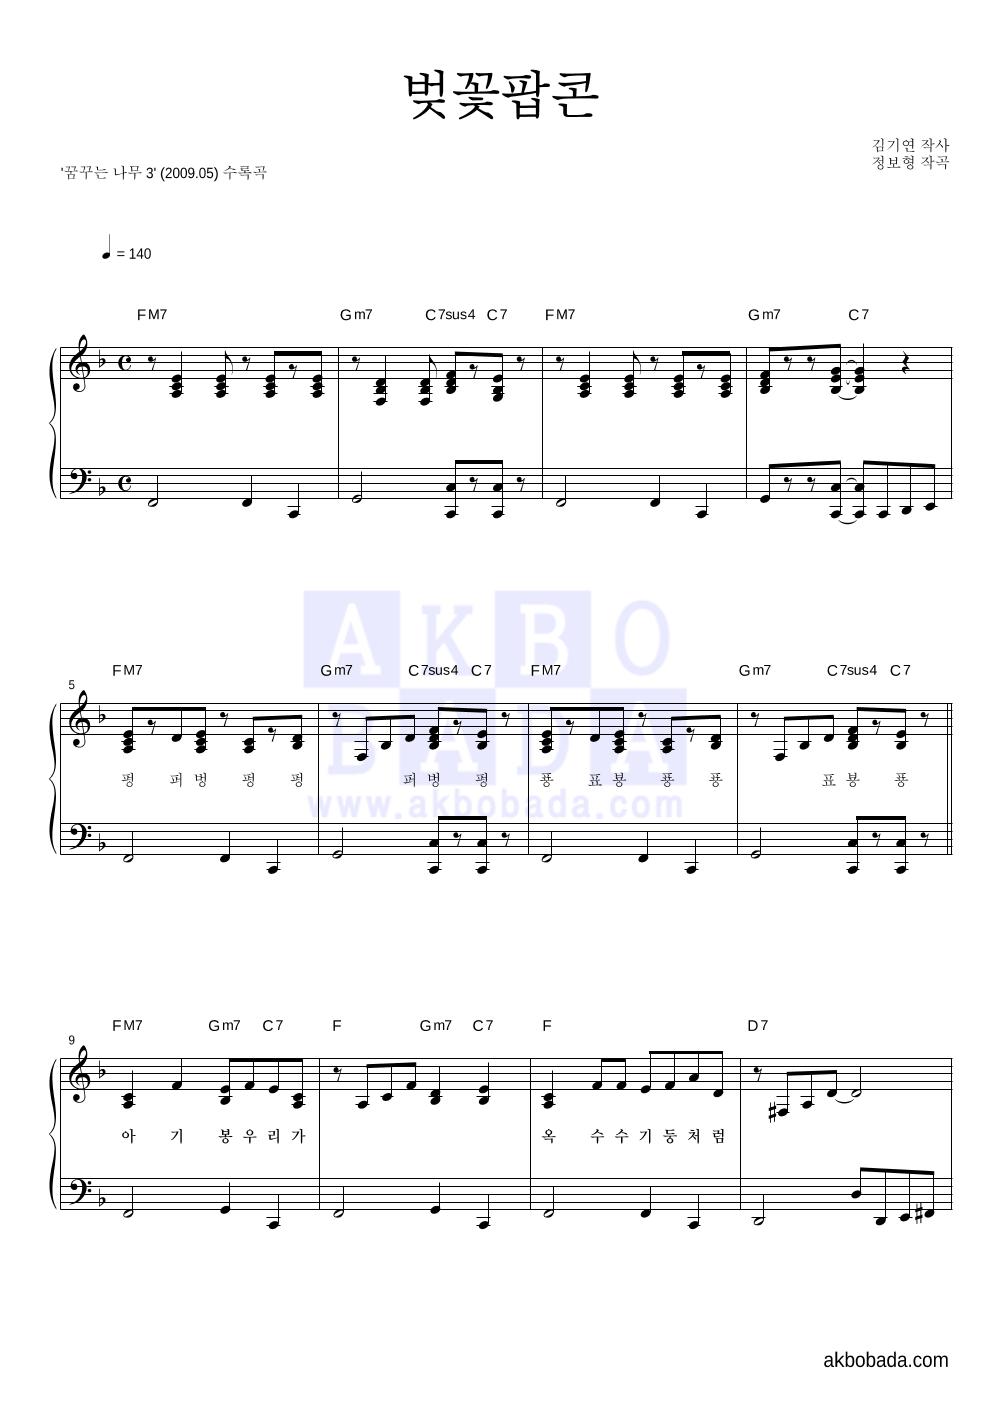 동요 - 벚꽃팝콘 피아노 2단 악보